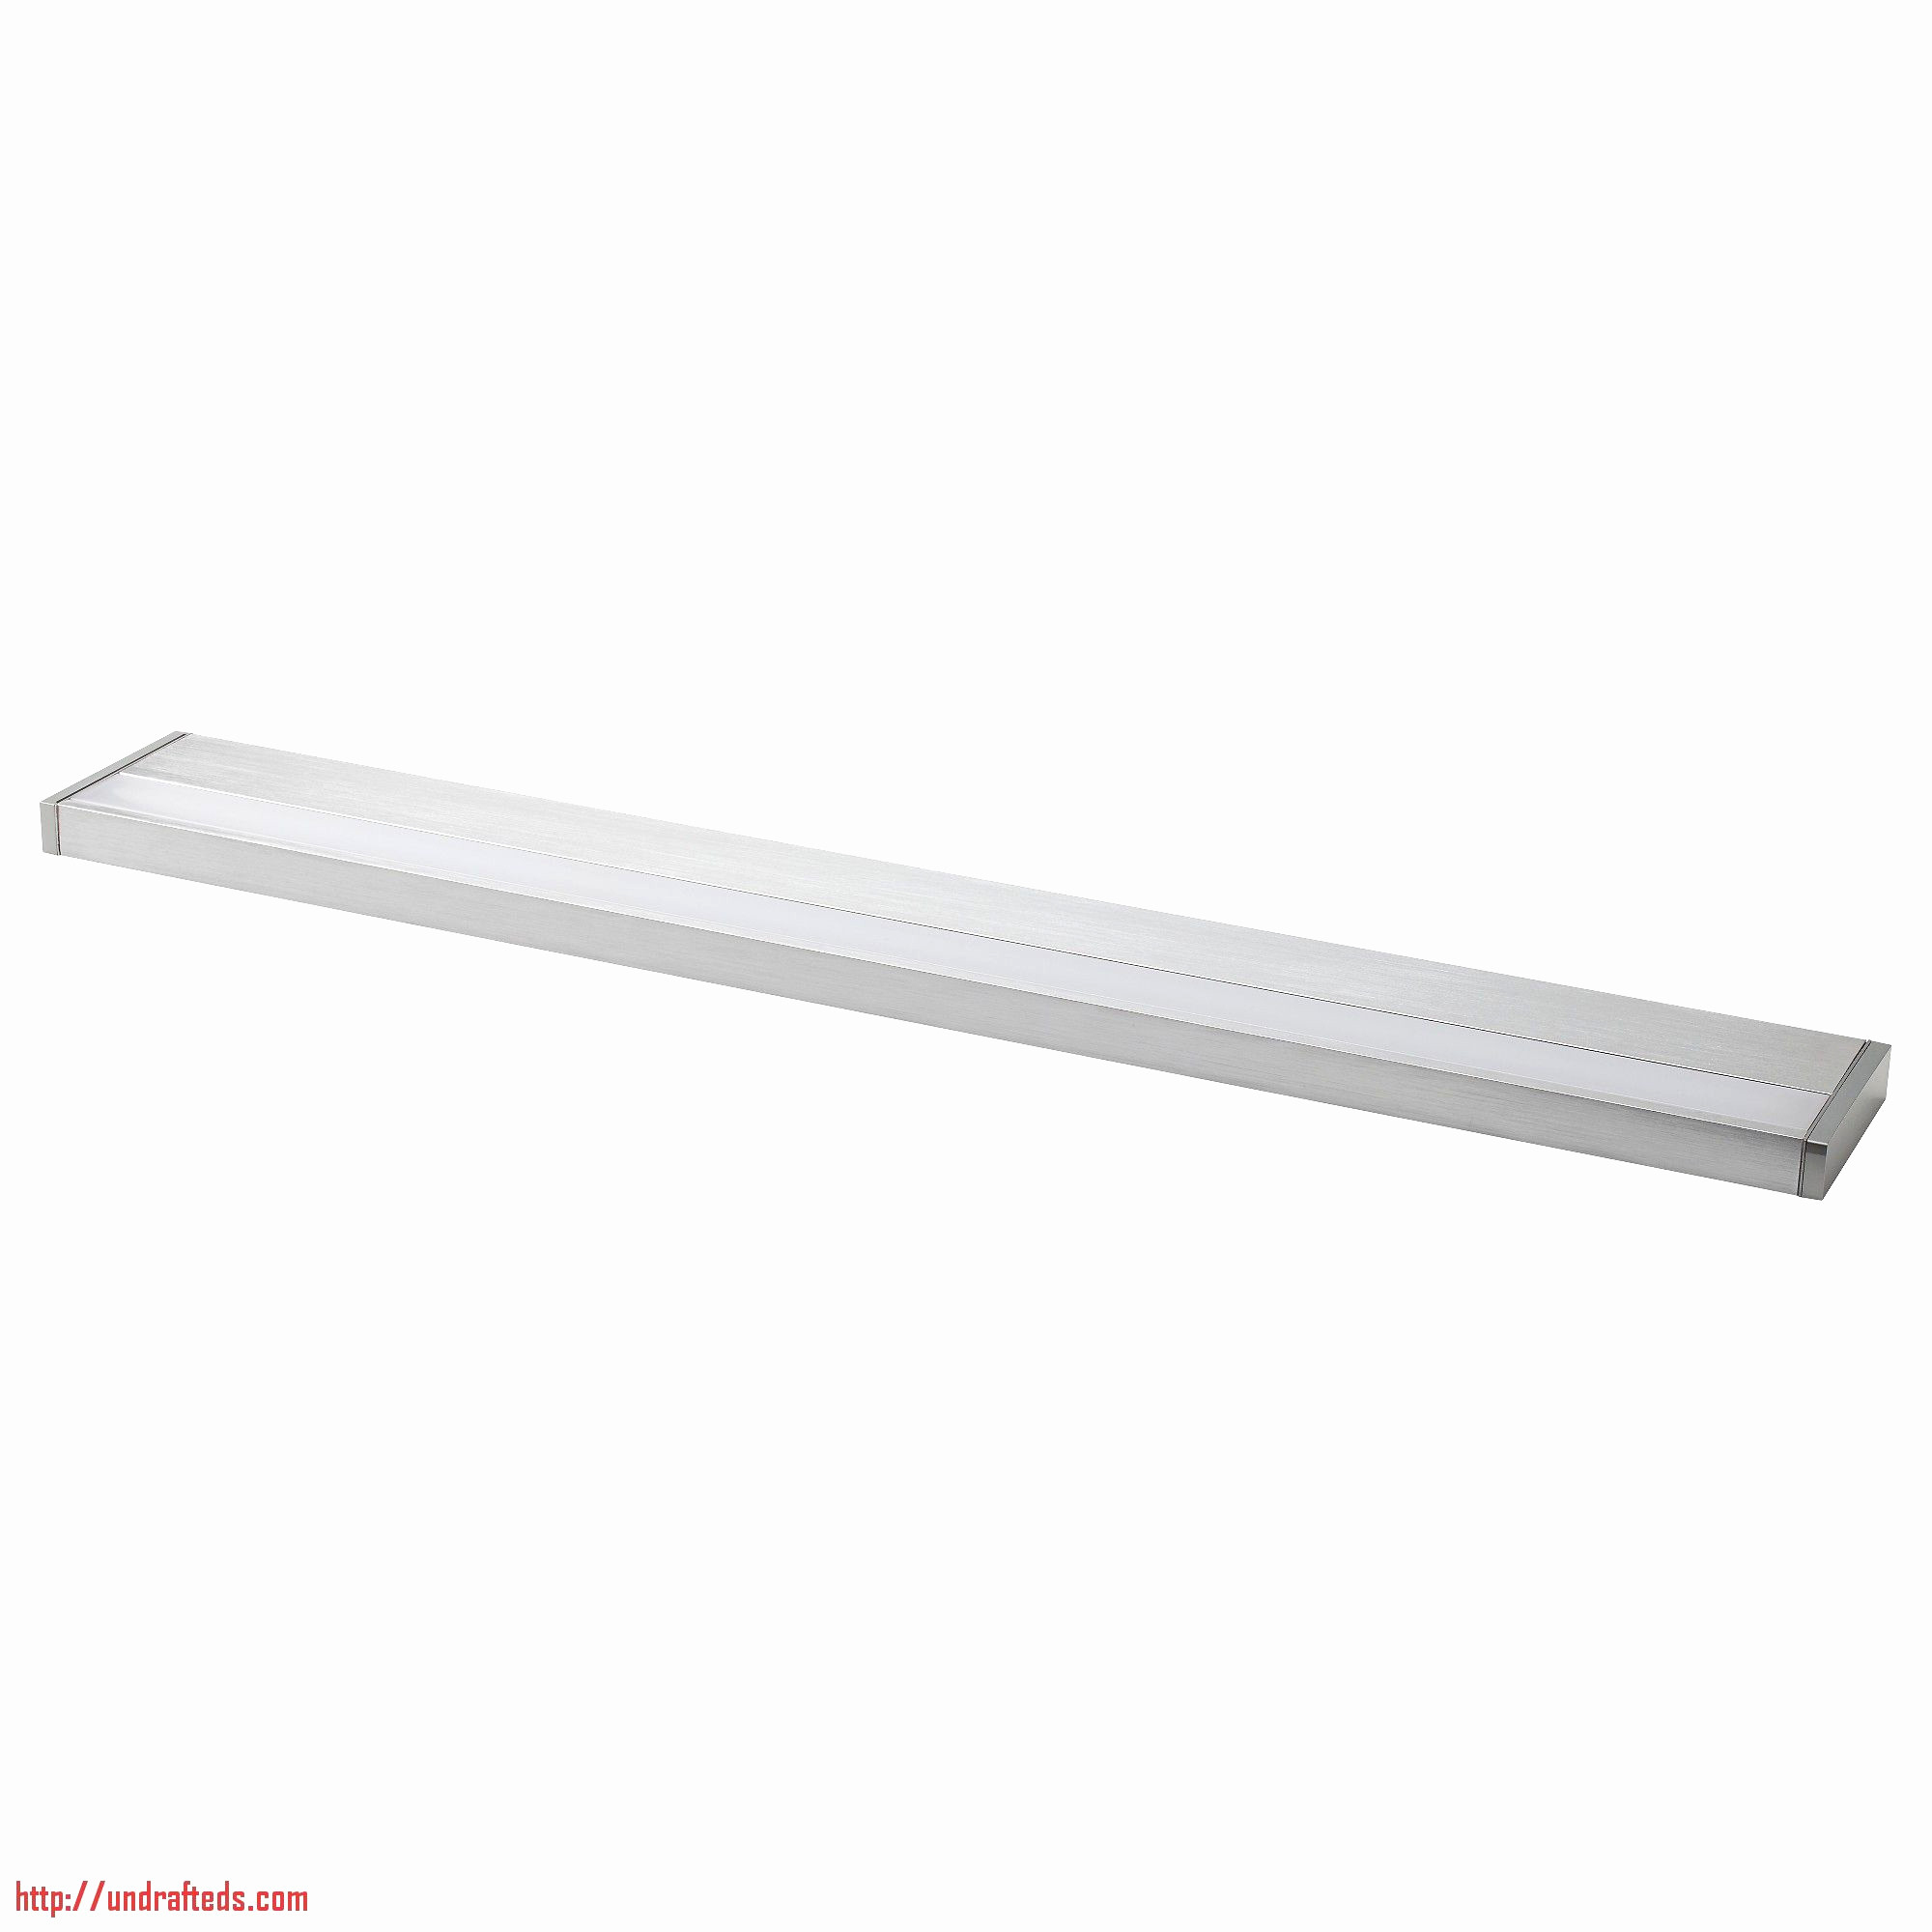 Applique Salle De Bain Avec Interrupteur Ikea Meilleur De Photographie Luminaires Appliques Murales Projet – Sullivanmaxx